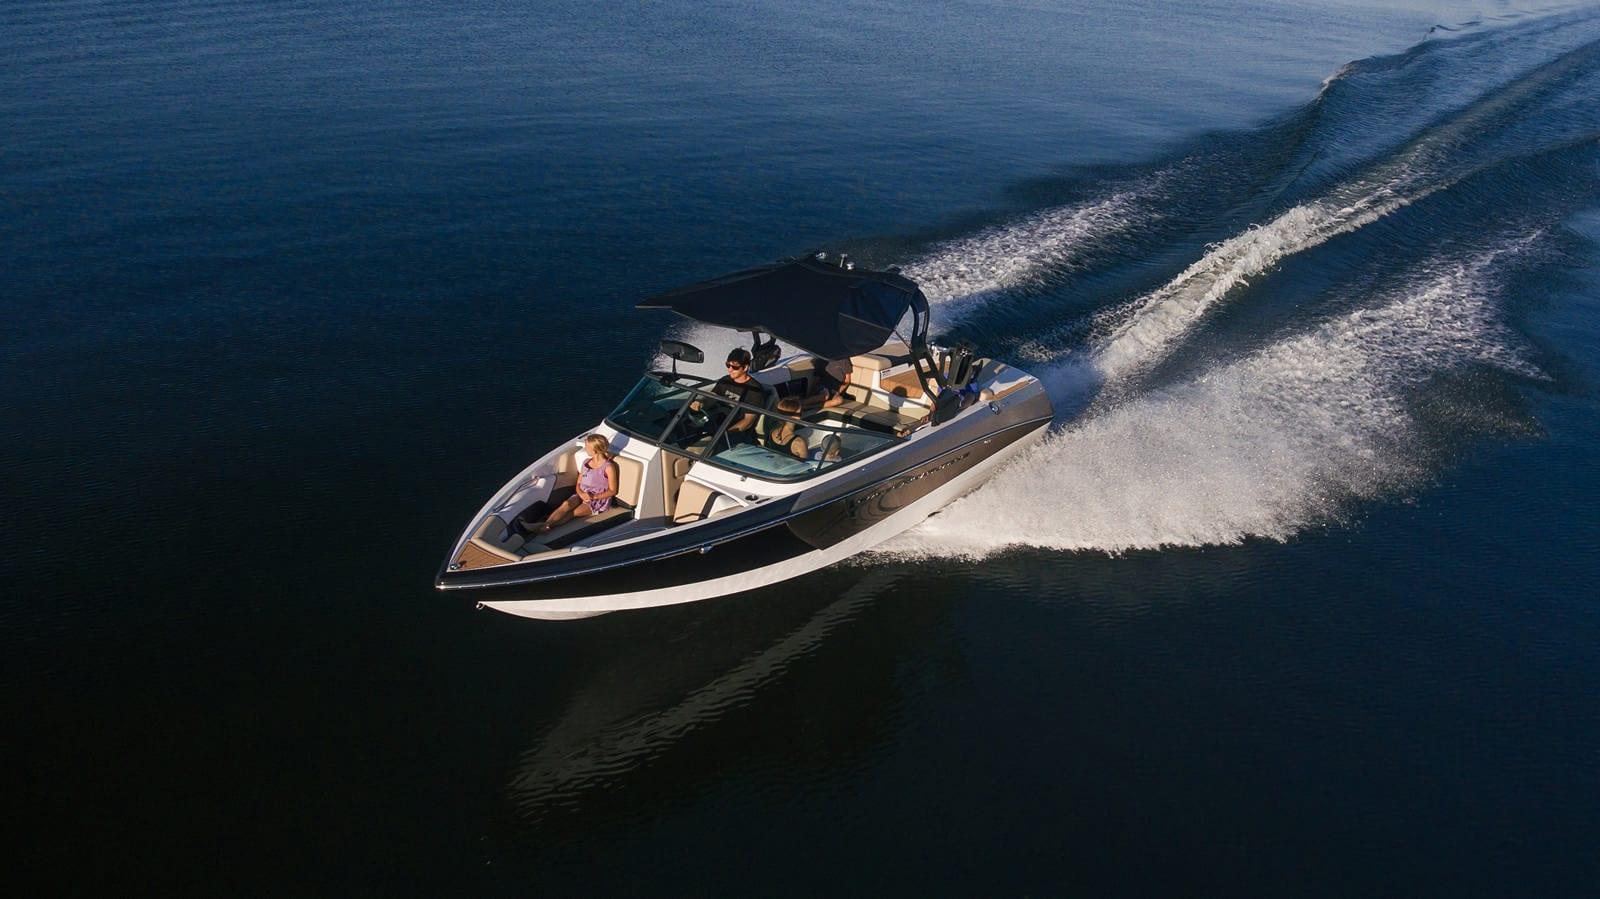 סירת ספורט וויקסרף וויקבורד NAUTIQUE 230 - סירת ספורט וויקסרף וויקבורד NAUTIQUE 230 - סטרים יאכטות